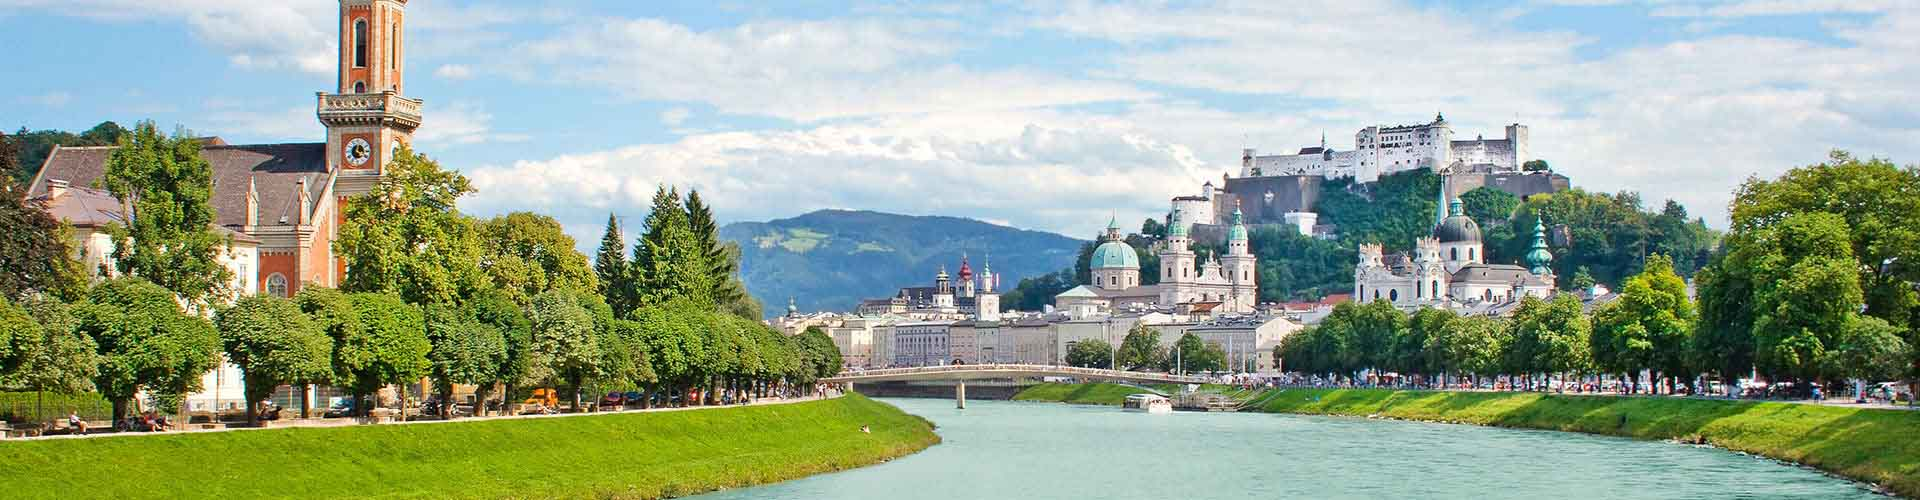 Salzburgo - Hostales en Salzburgo. Mapas de Salzburgo, Fotos y comentarios de cada Hostal en Salzburgo.